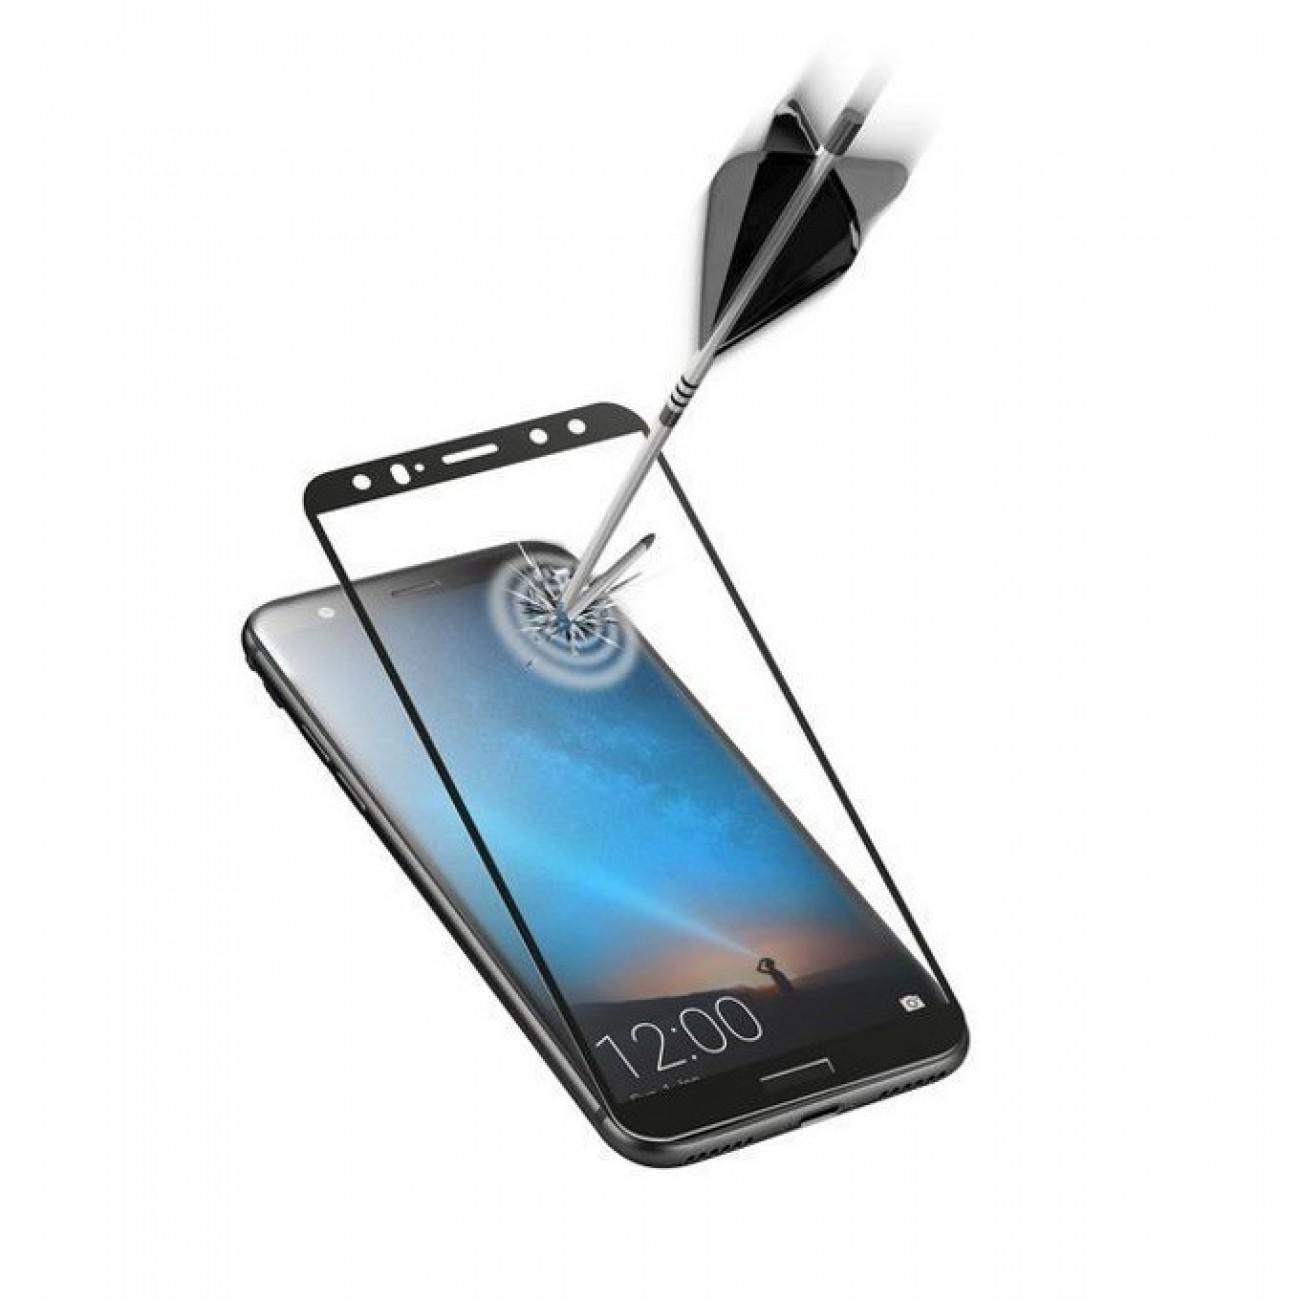 Протектор от закалено стъкло /Tempered Glass/, Cellular Line, за Huawei Mate 10 Lite, черен в Защитно фолио - Cellular Line | Alleop